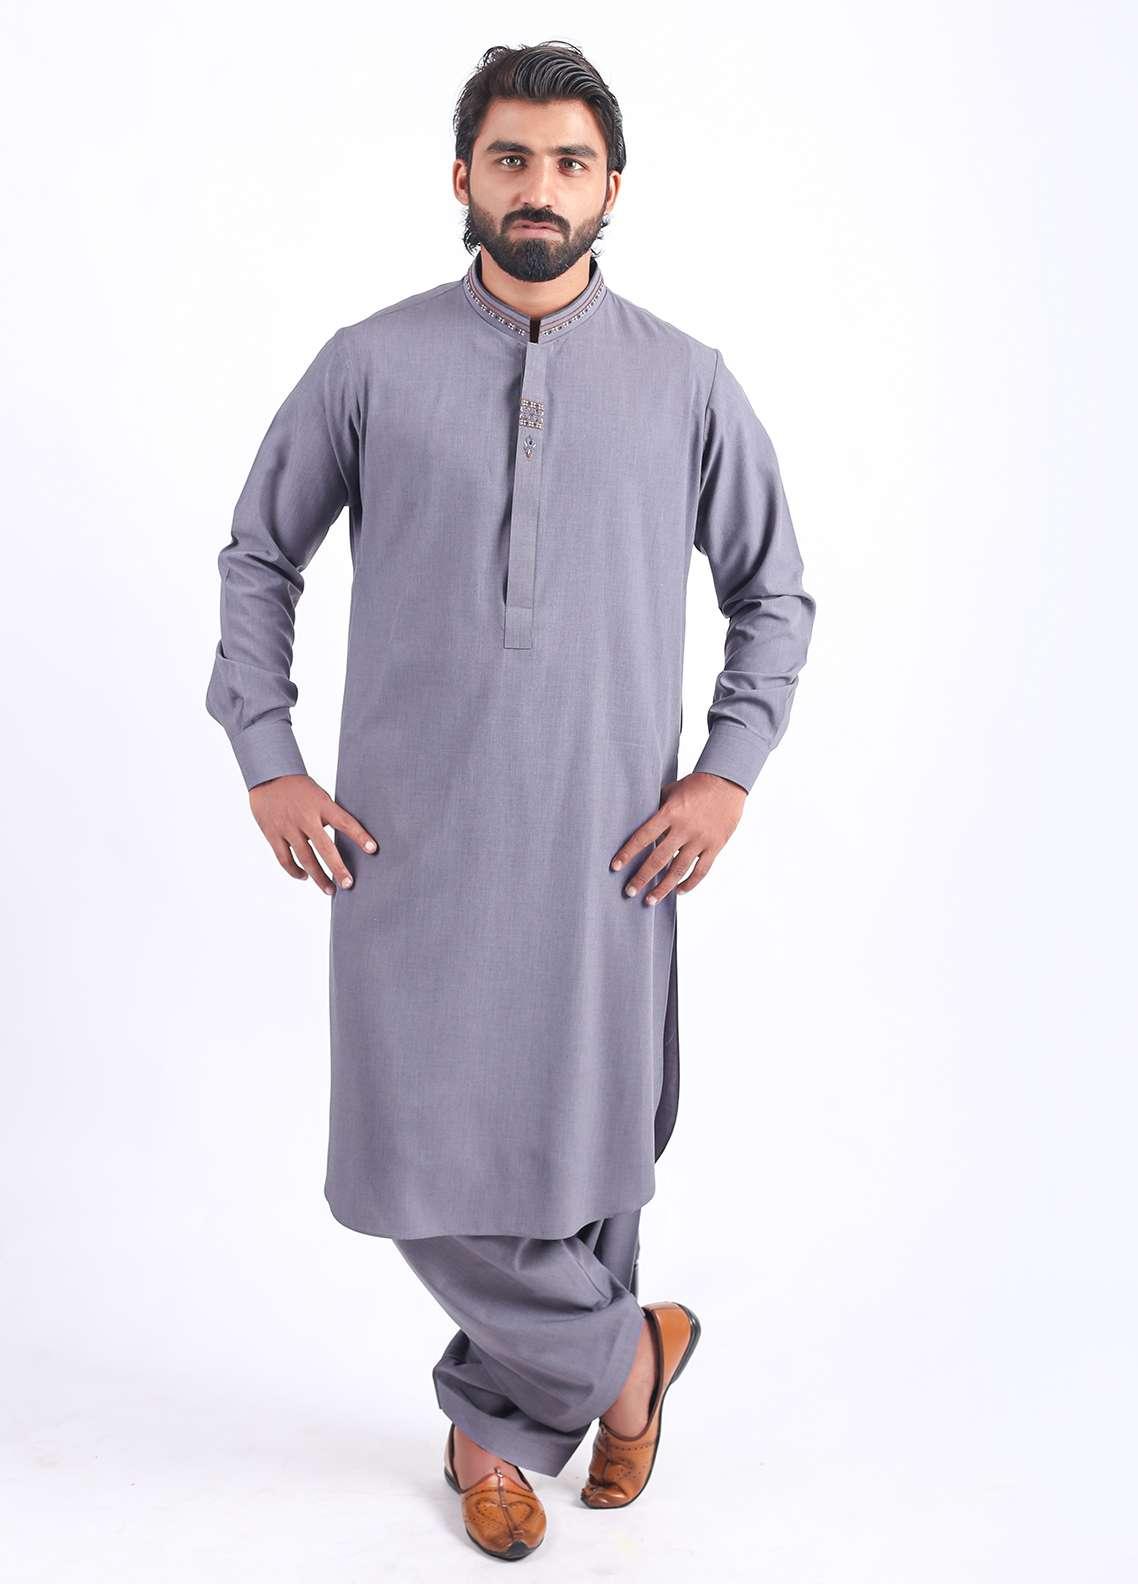 Aizaz Zafar Wash N Wear Embroidered Men Shalwar Kameez - Grey AZ18M 016